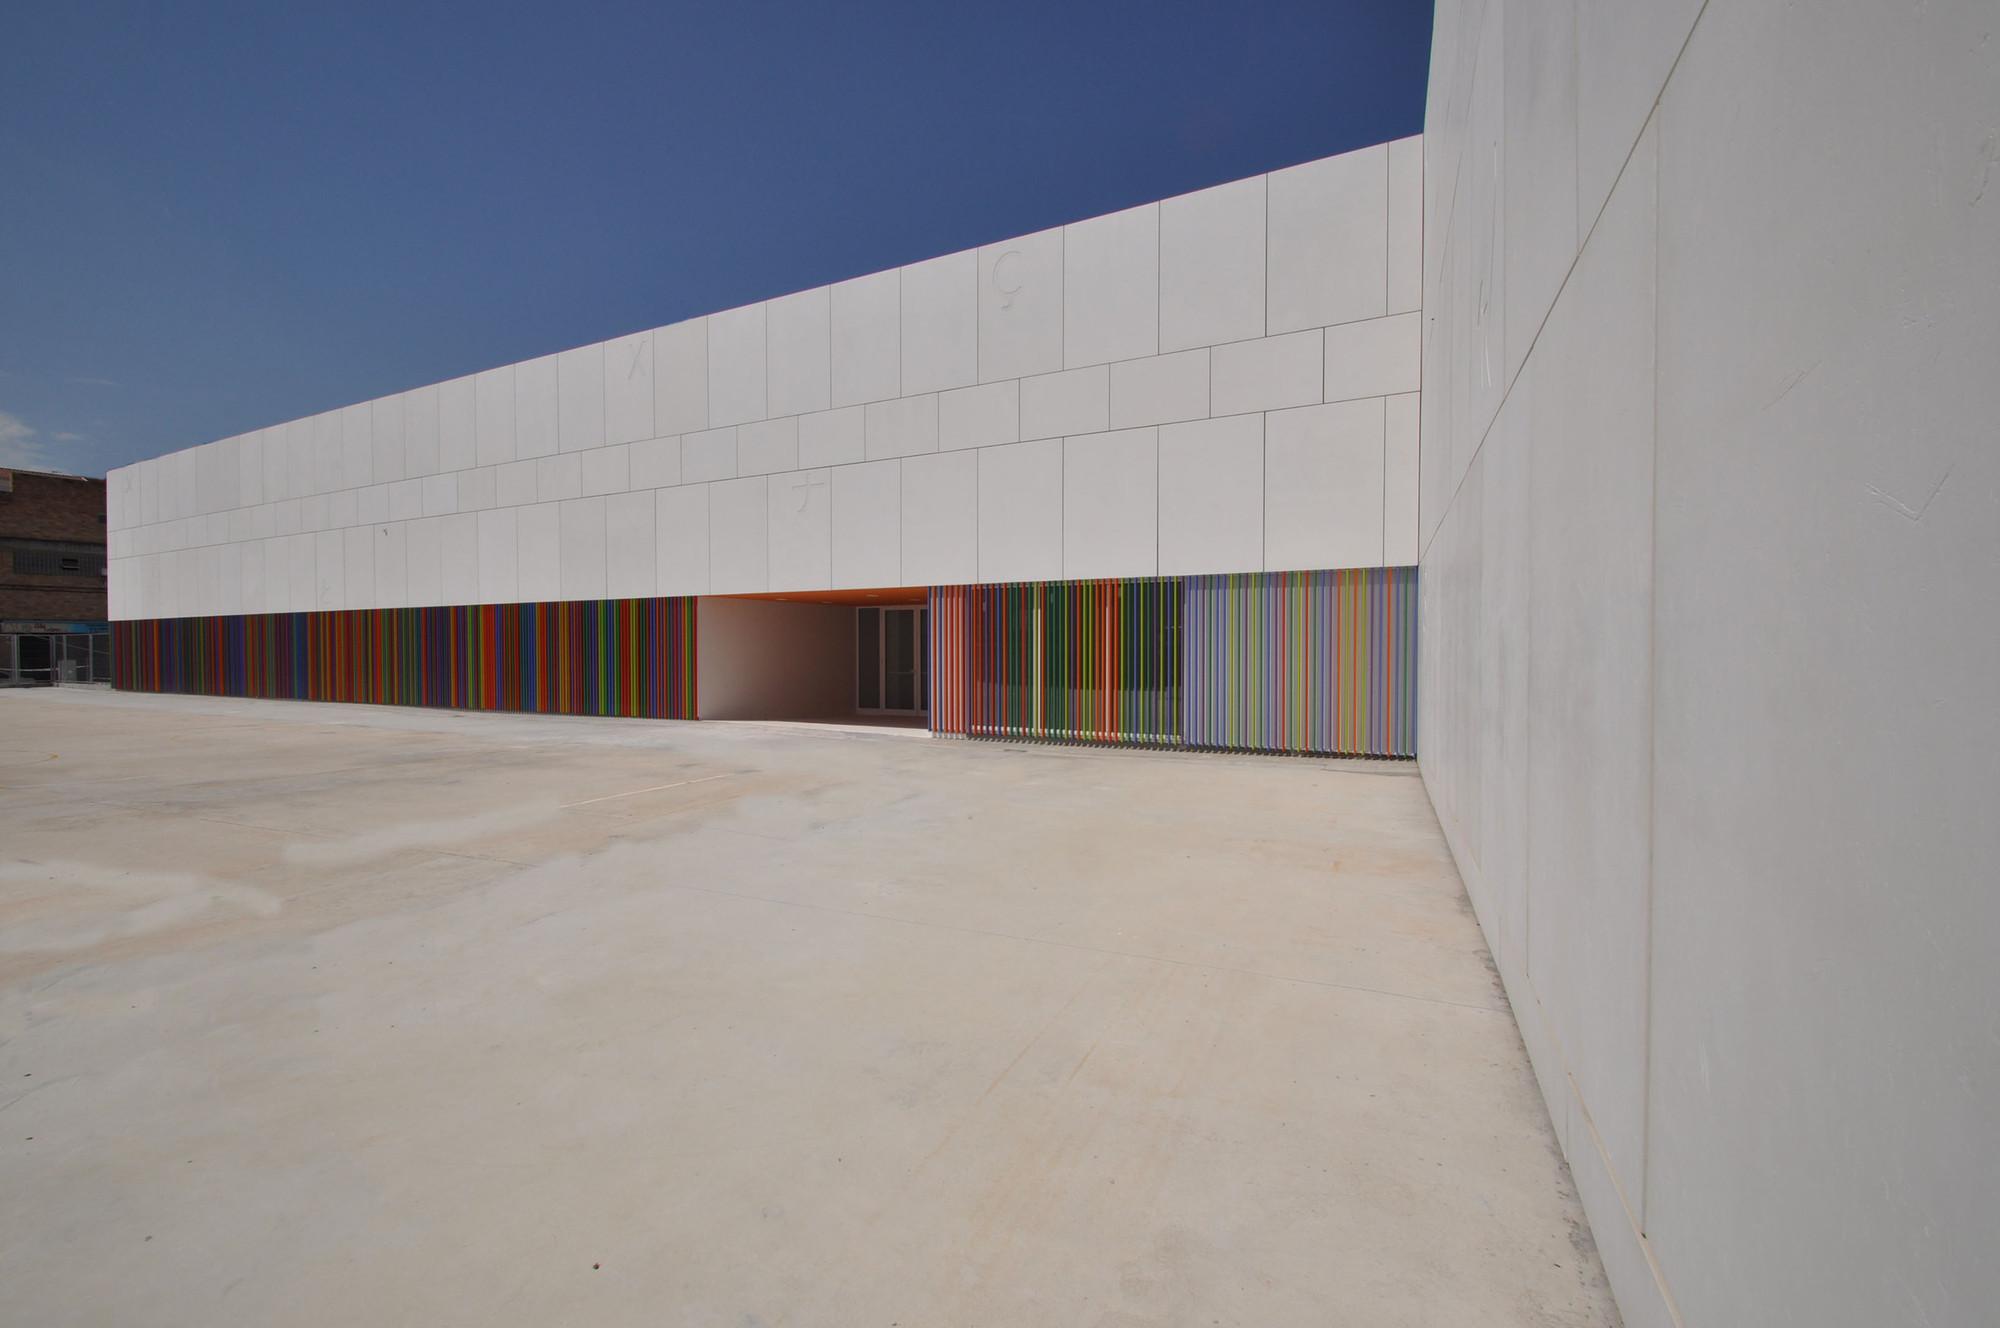 Cultural Centre in Montbui / Pere Puig arquitecte, Courtesy of Pere Puig arquitecte